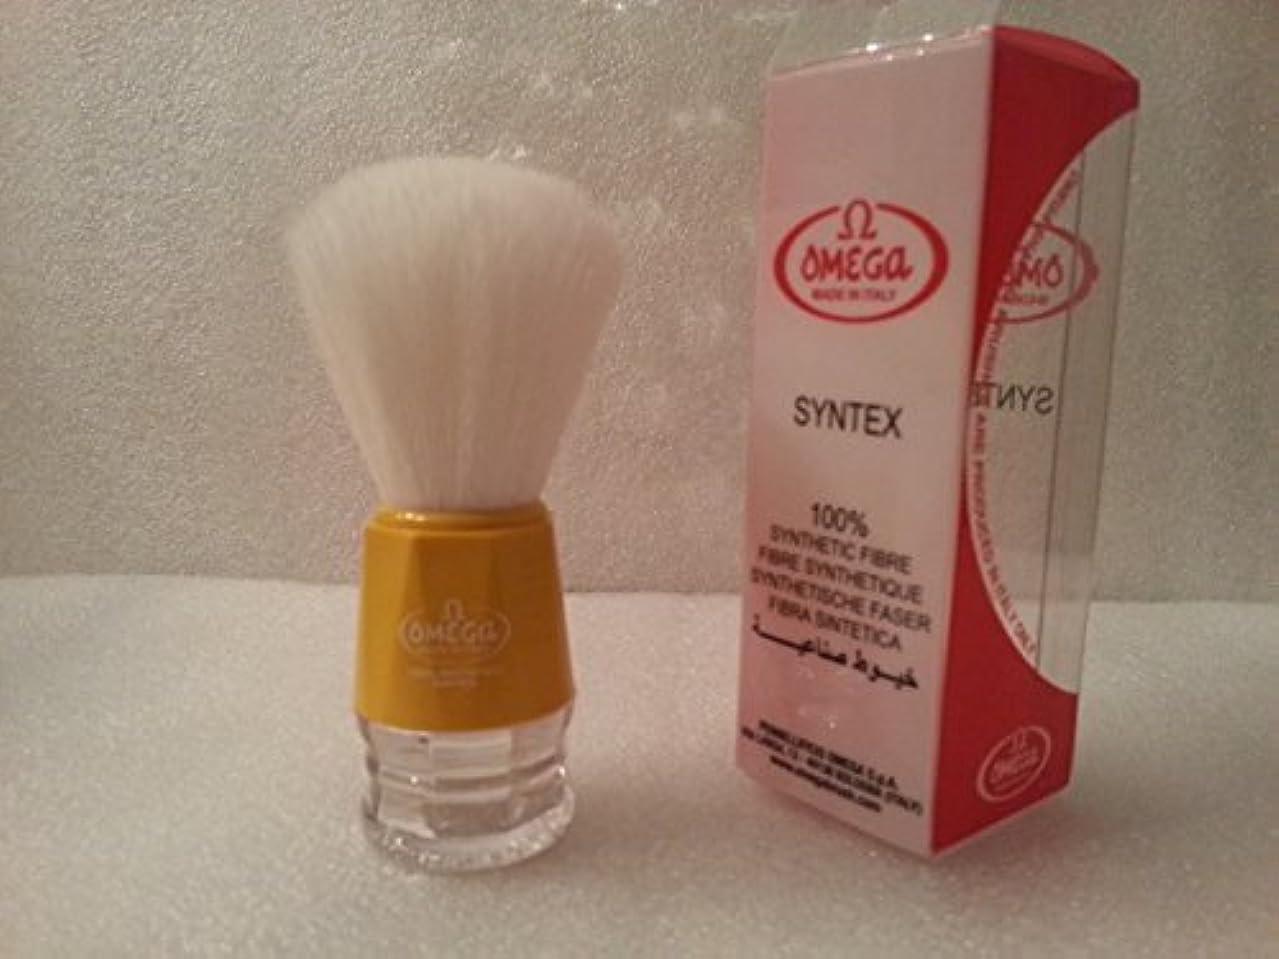 行うスナッチ密輸Omega Shaving Brush # 90018 Syntex 100% Synthetic Yellow [並行輸入品]